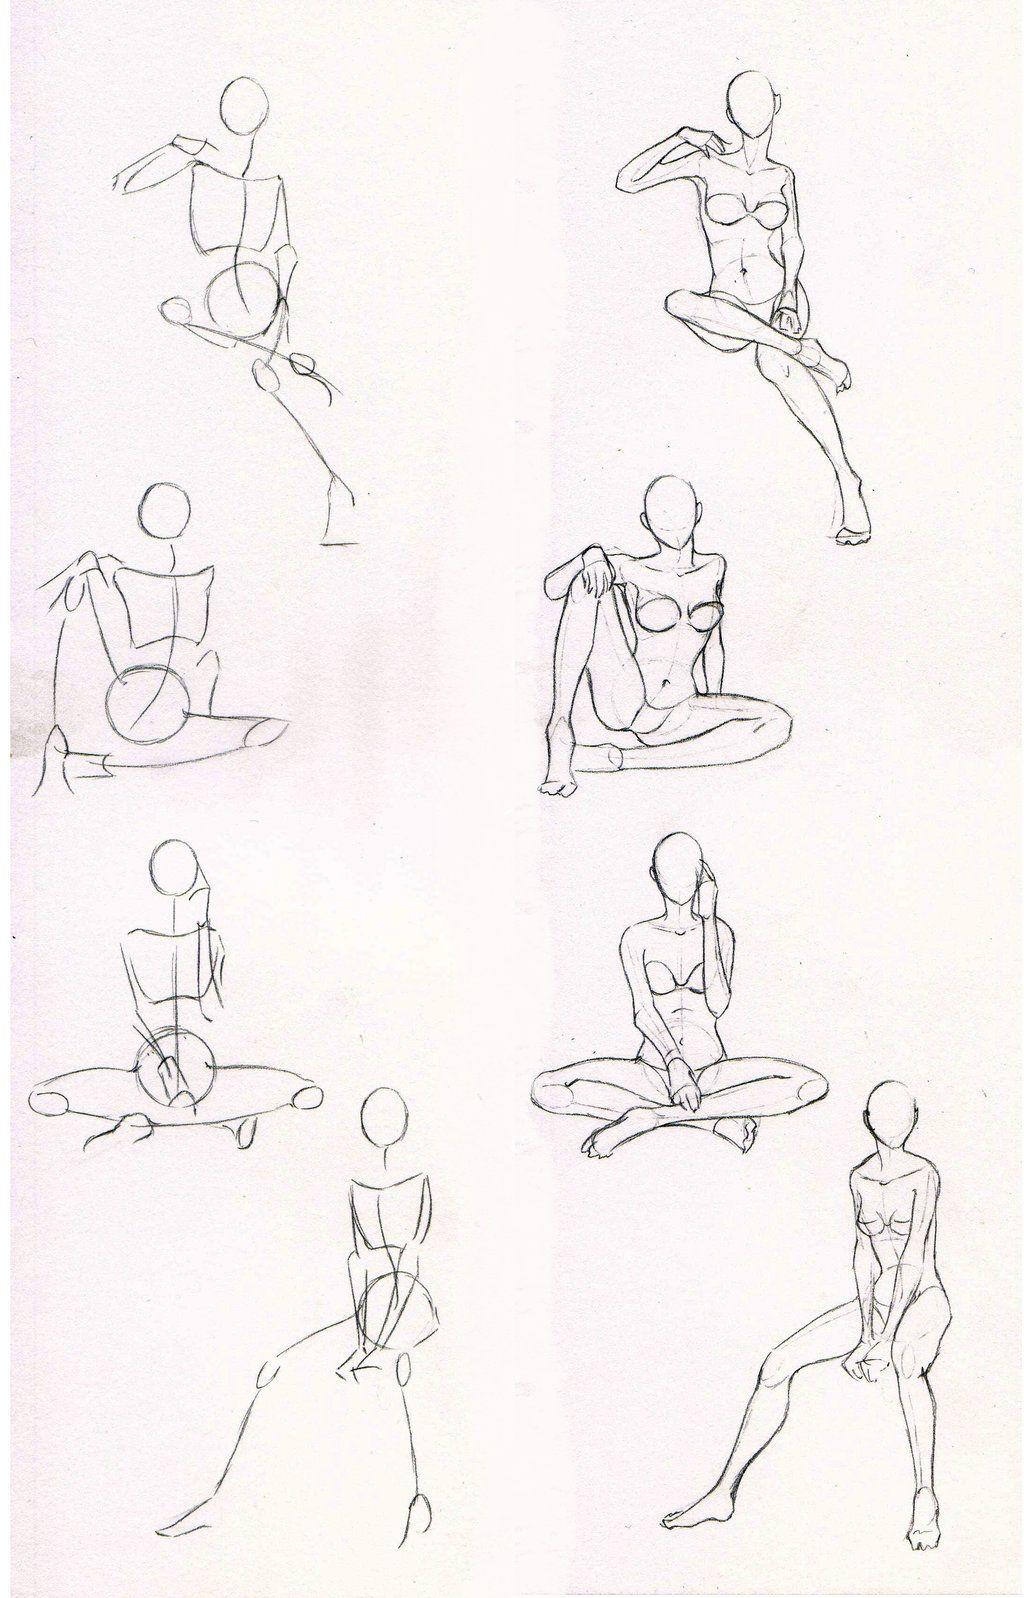 Pin de canada ward en drawing | Pinterest | Cuerpo, Dibujo y Anatomía